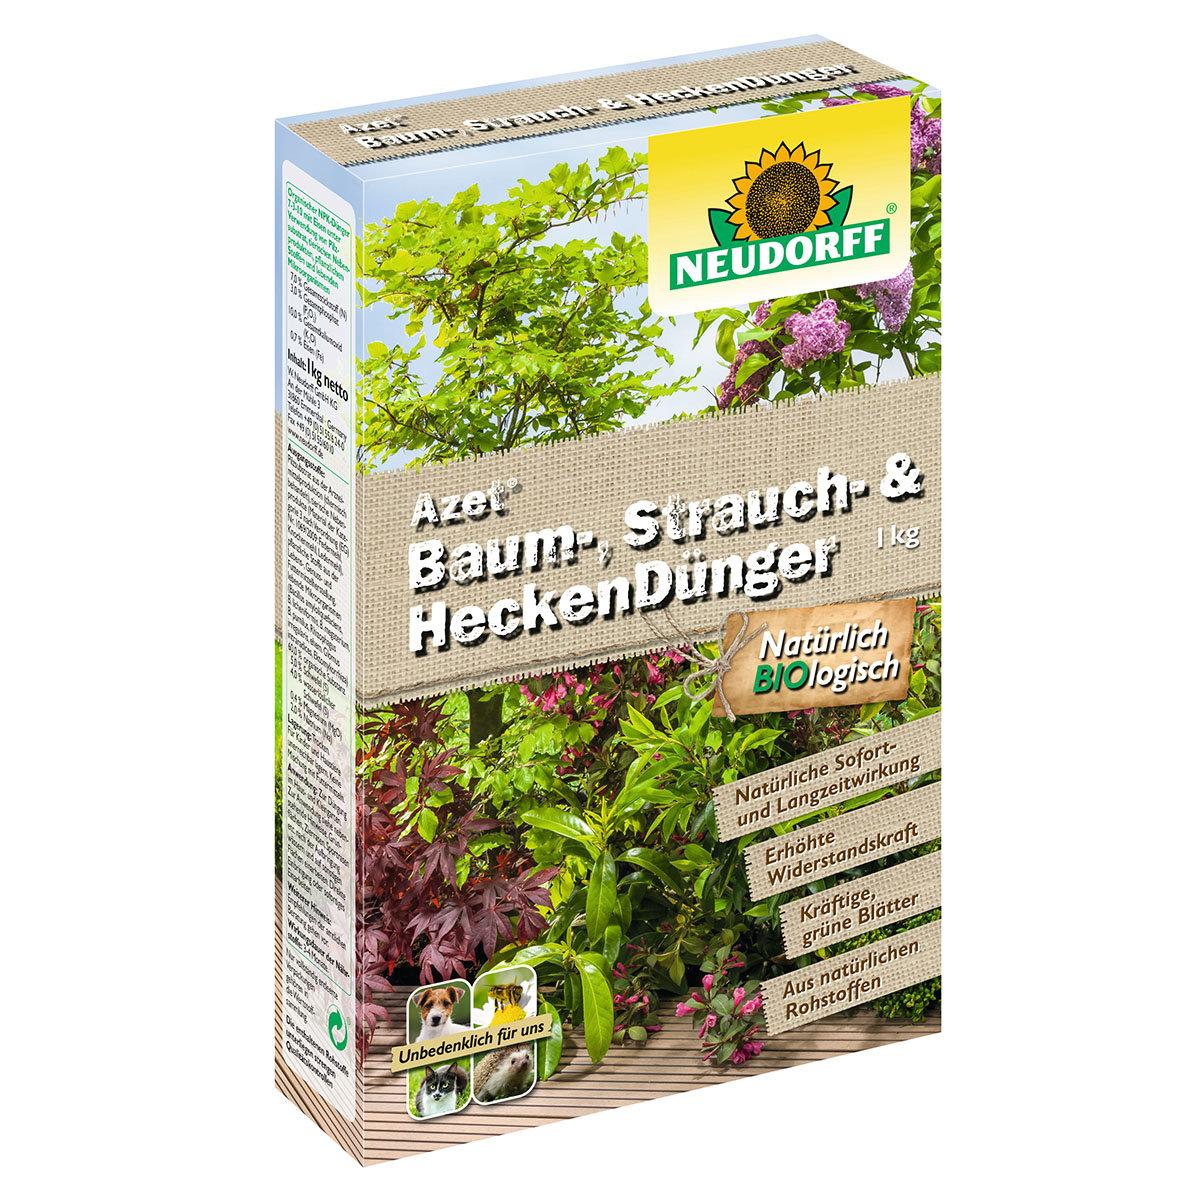 Neudorff Azet Baum-, Strauch- und Hecken-Dünger, 1 kg